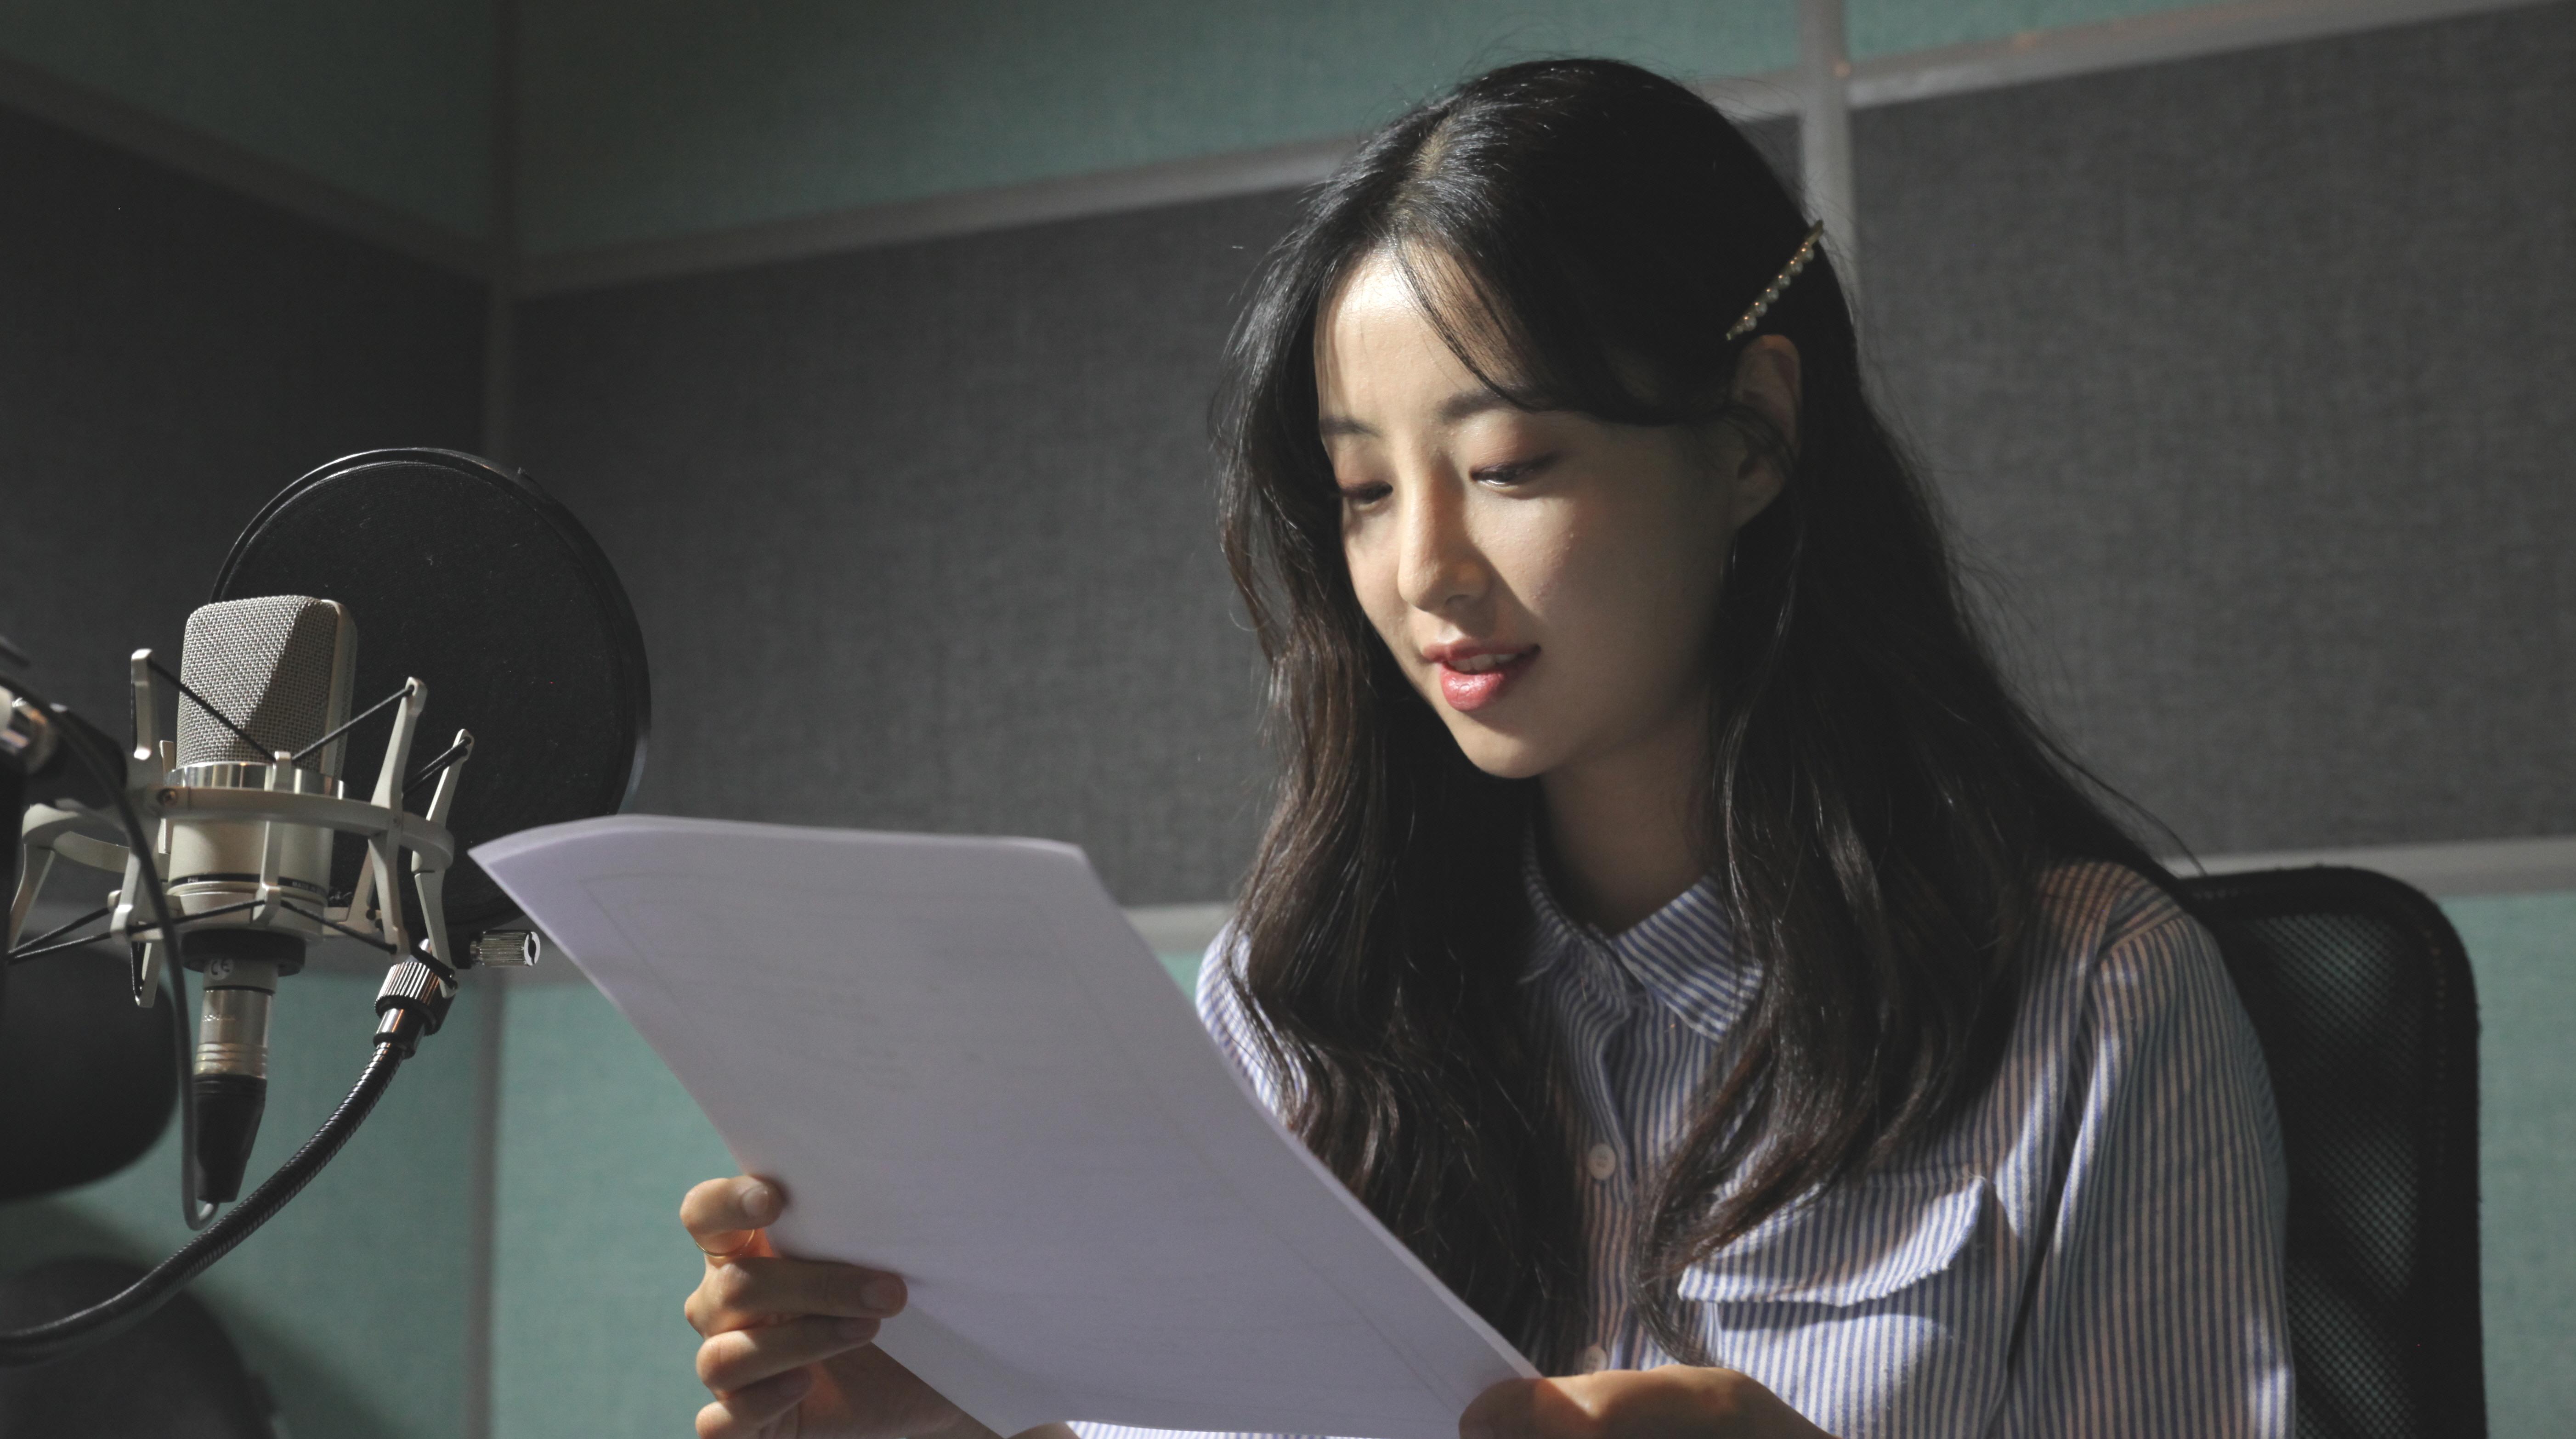 배우 전혜연, FTV 낚시드라마 '조미료' 더빙 참여...메소드급 리얼 연기 극찬